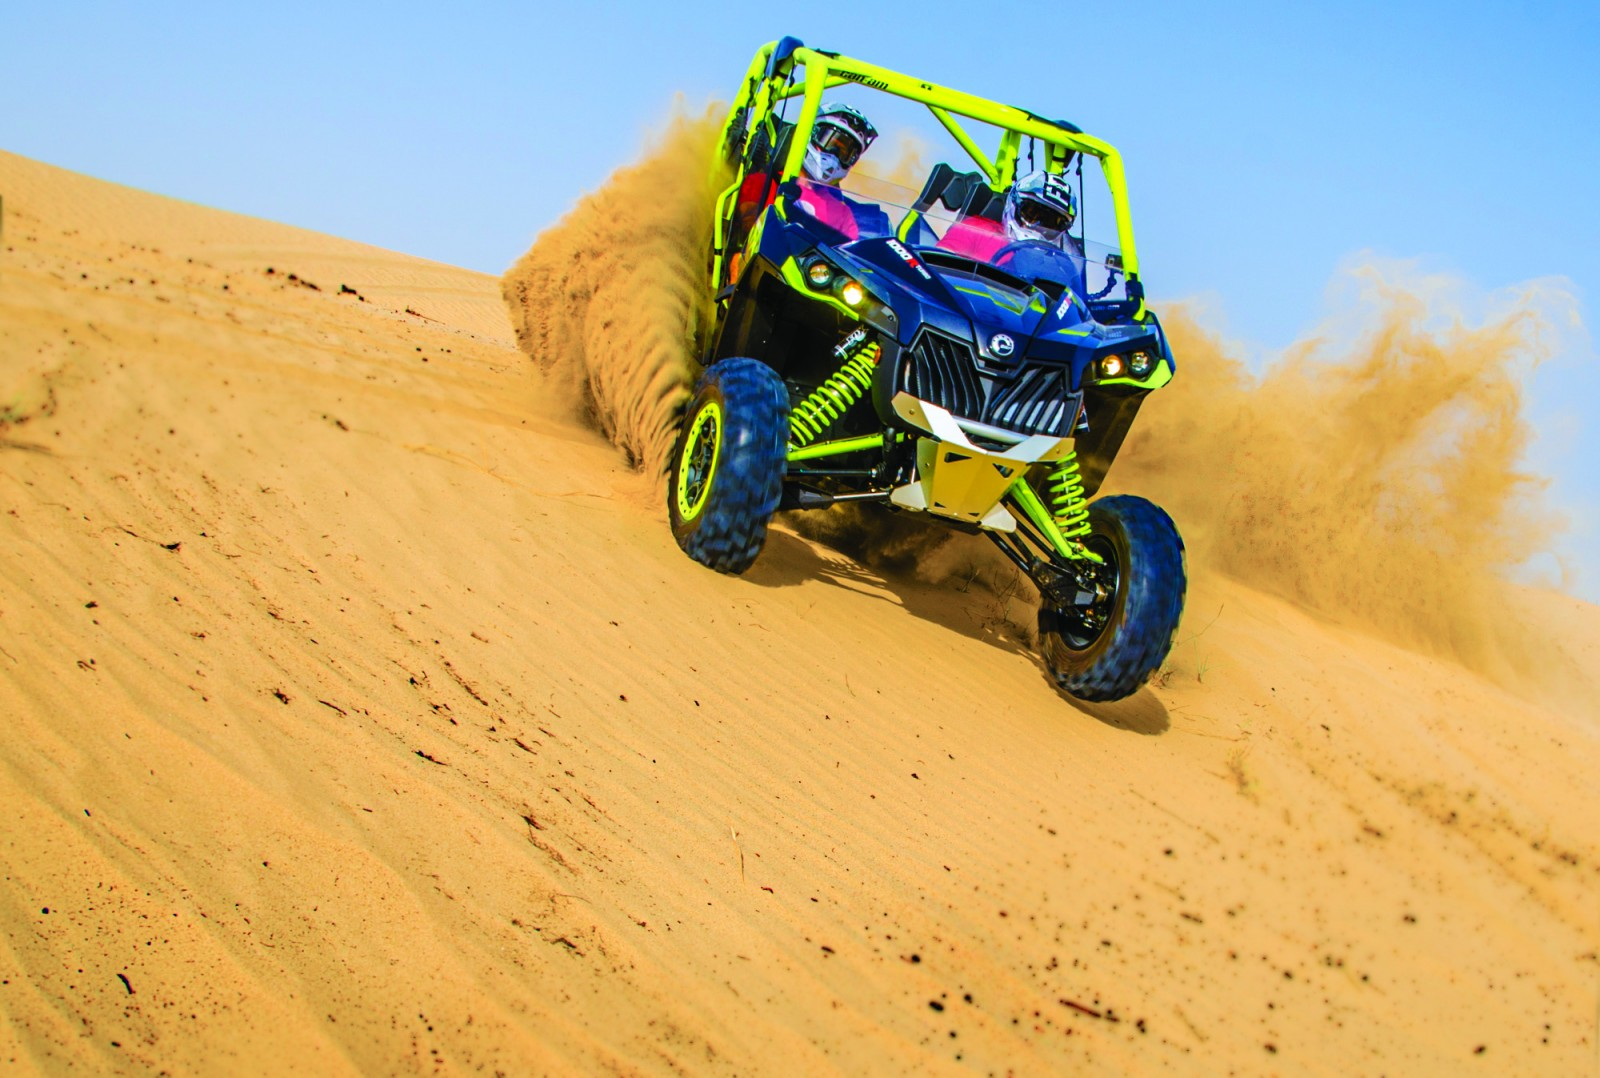 Desert Dune BUggies, Dhabi, Emirates, Supplier Photo (Exeter)